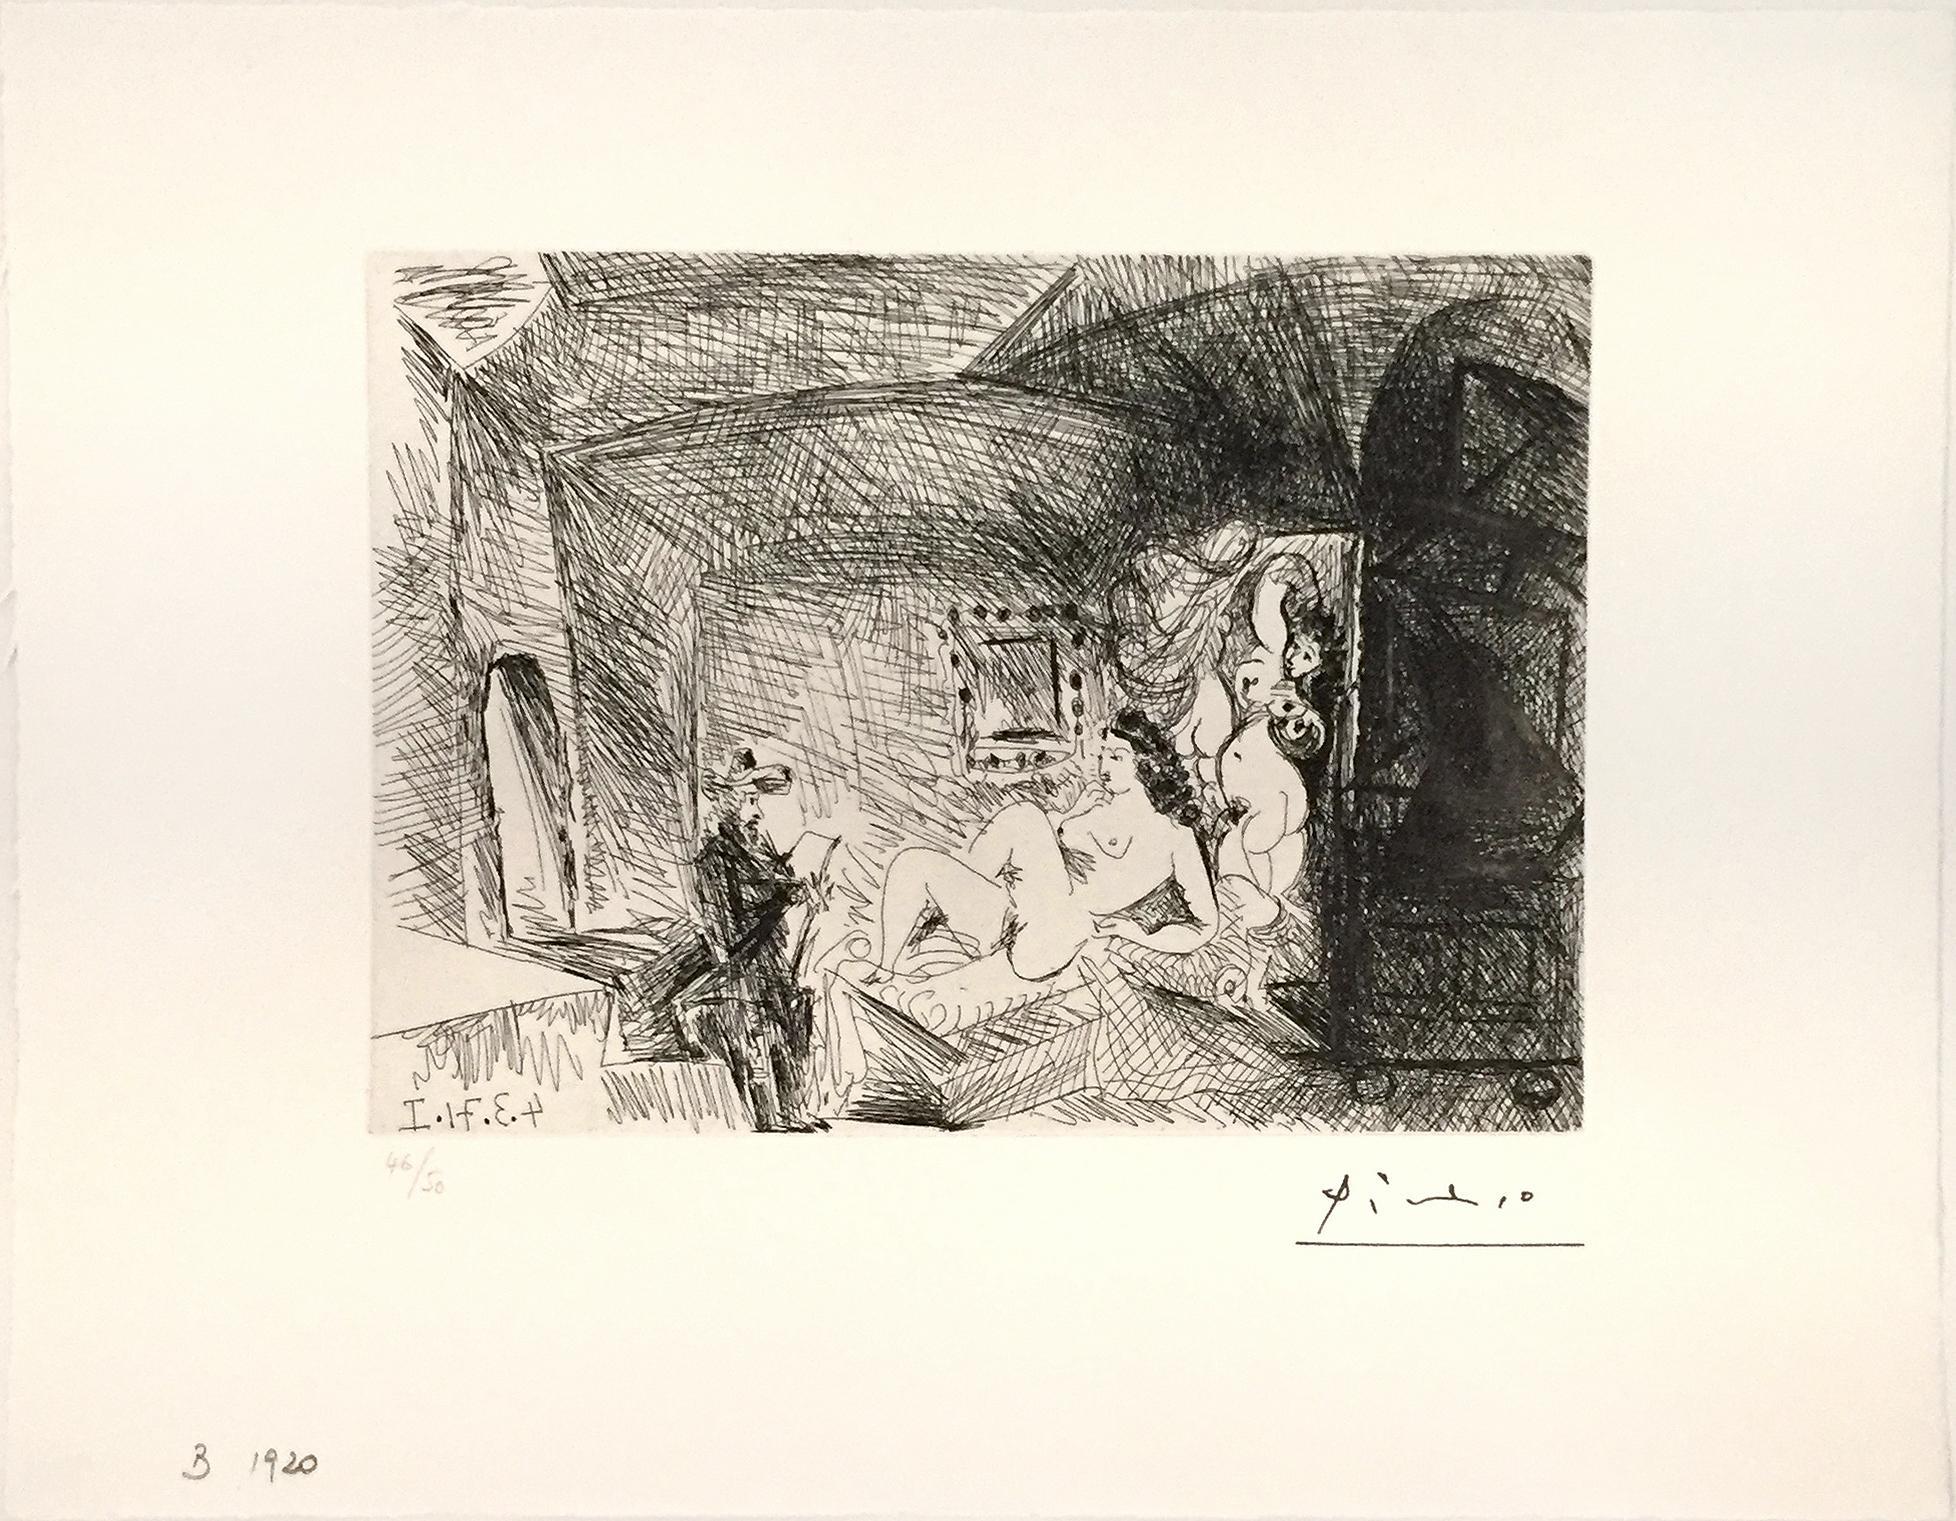 Peintre, Modele et Toile dans une Piece Voutee du XVIIe Siecle